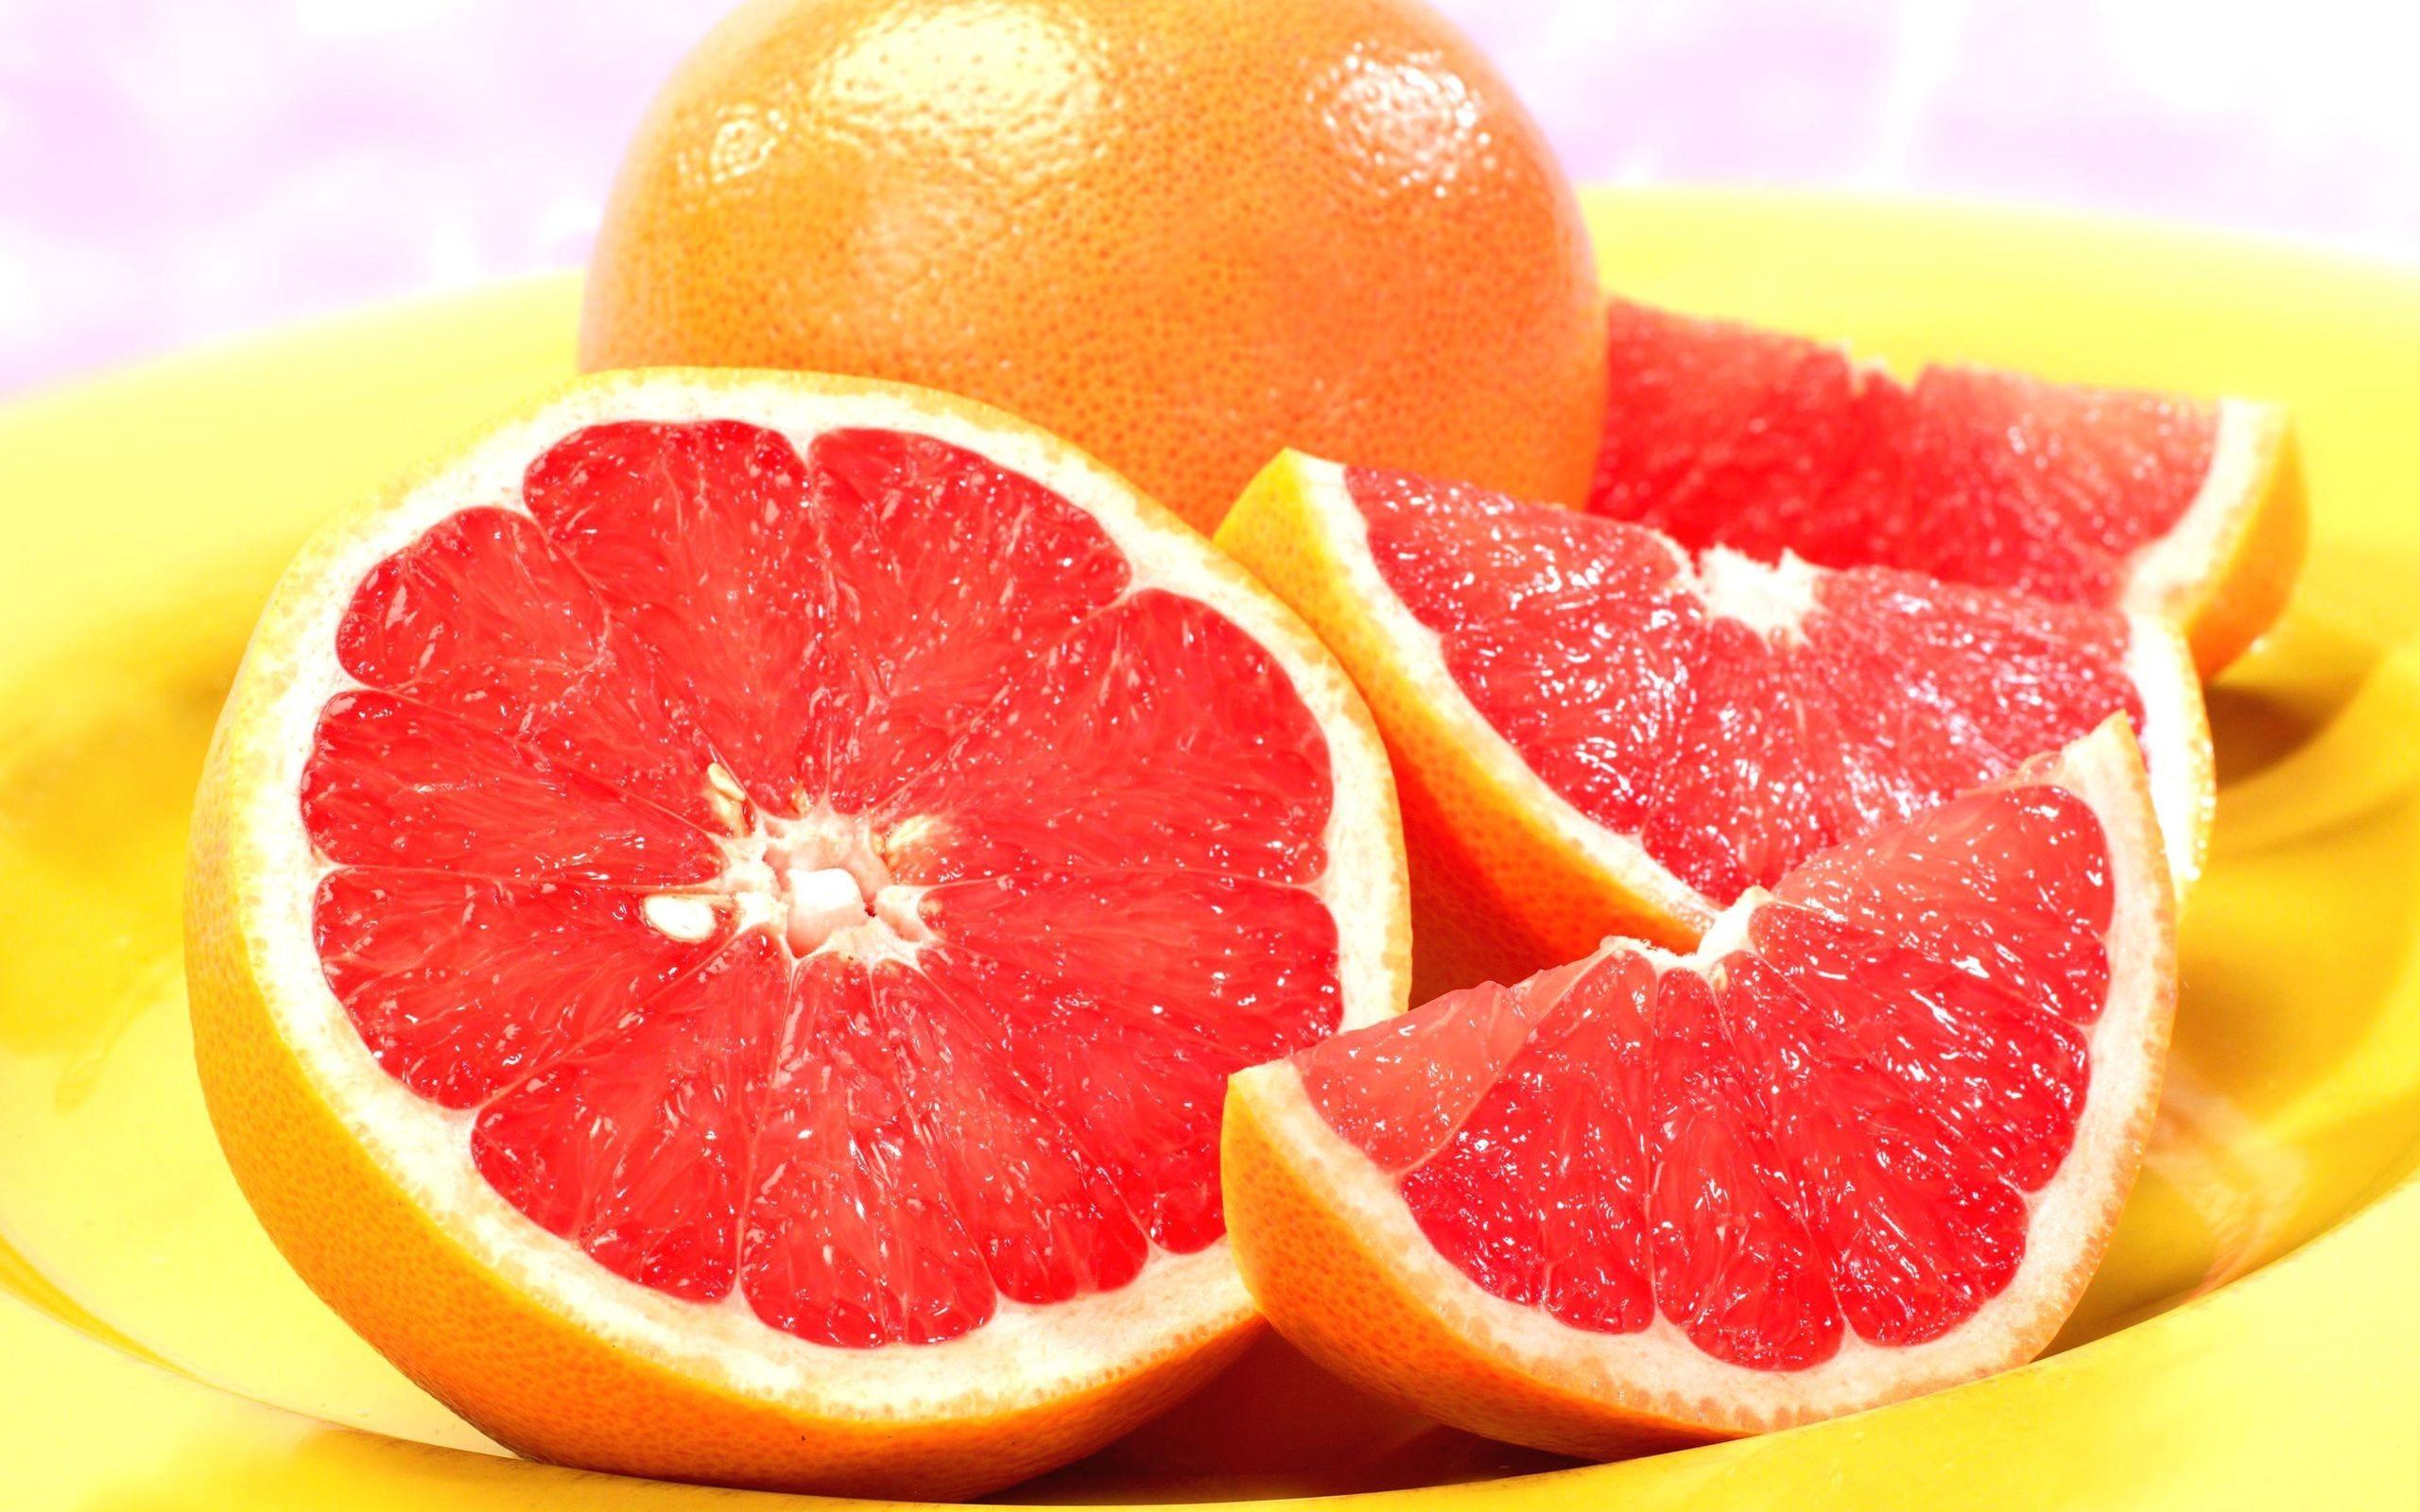 """这5种常见水果名字里都有""""瓜"""",很少人知道第五种瓜... _腾讯网"""